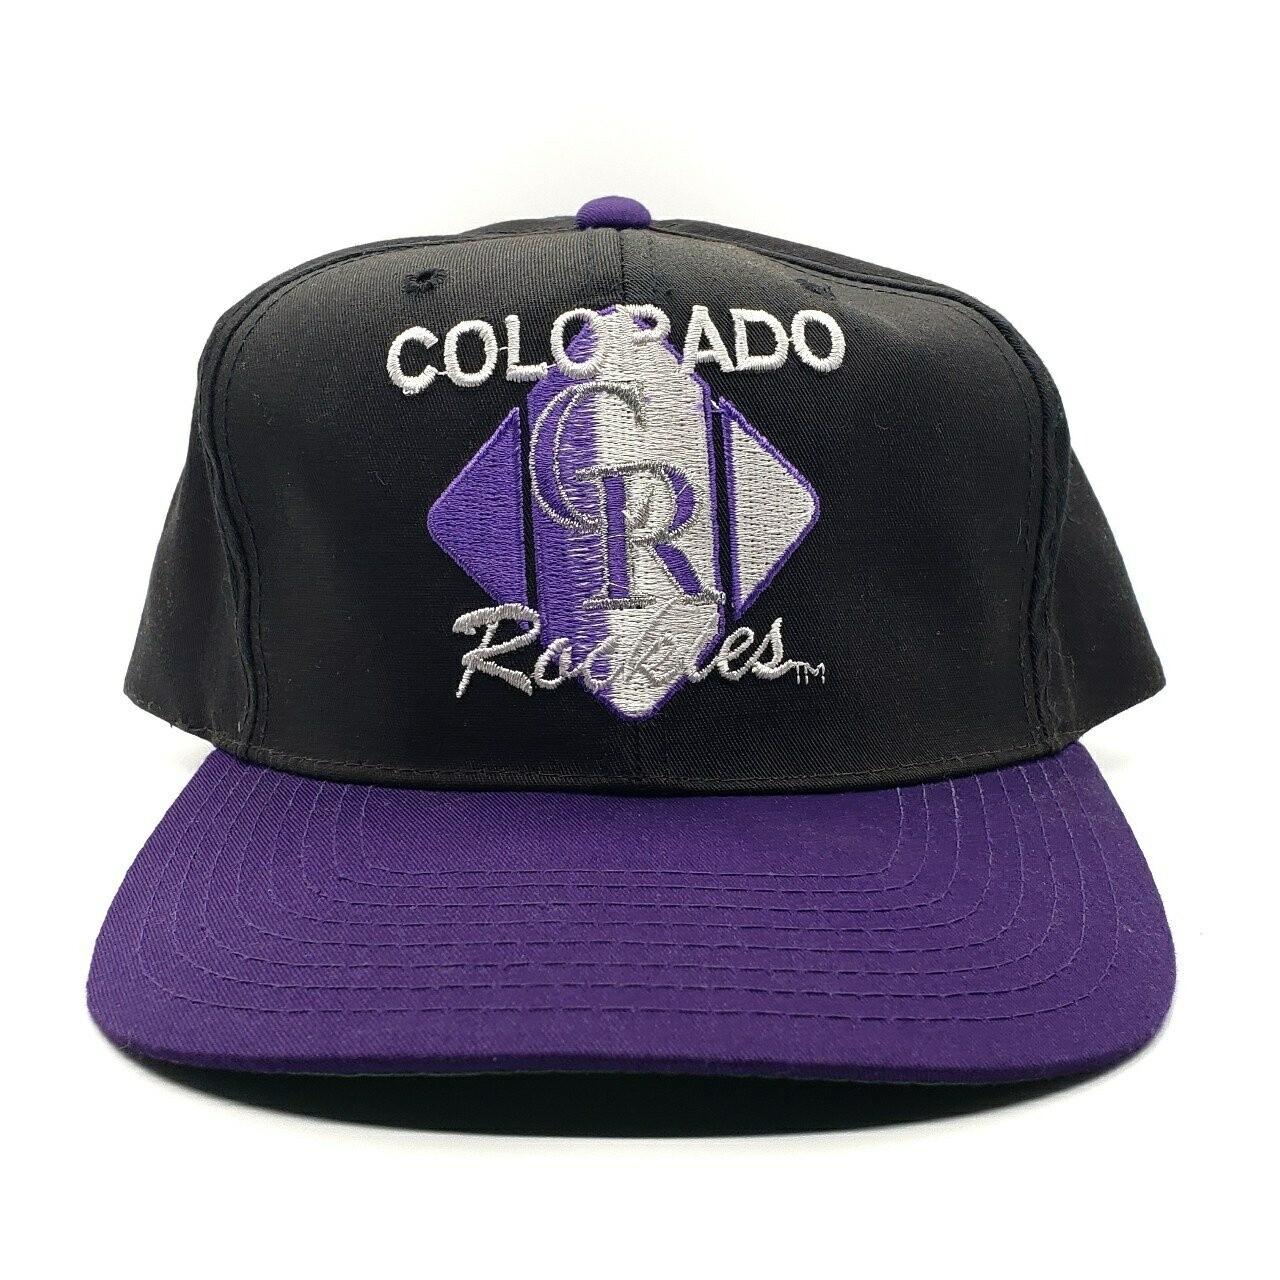 Colorado Rockies Snapback Hat